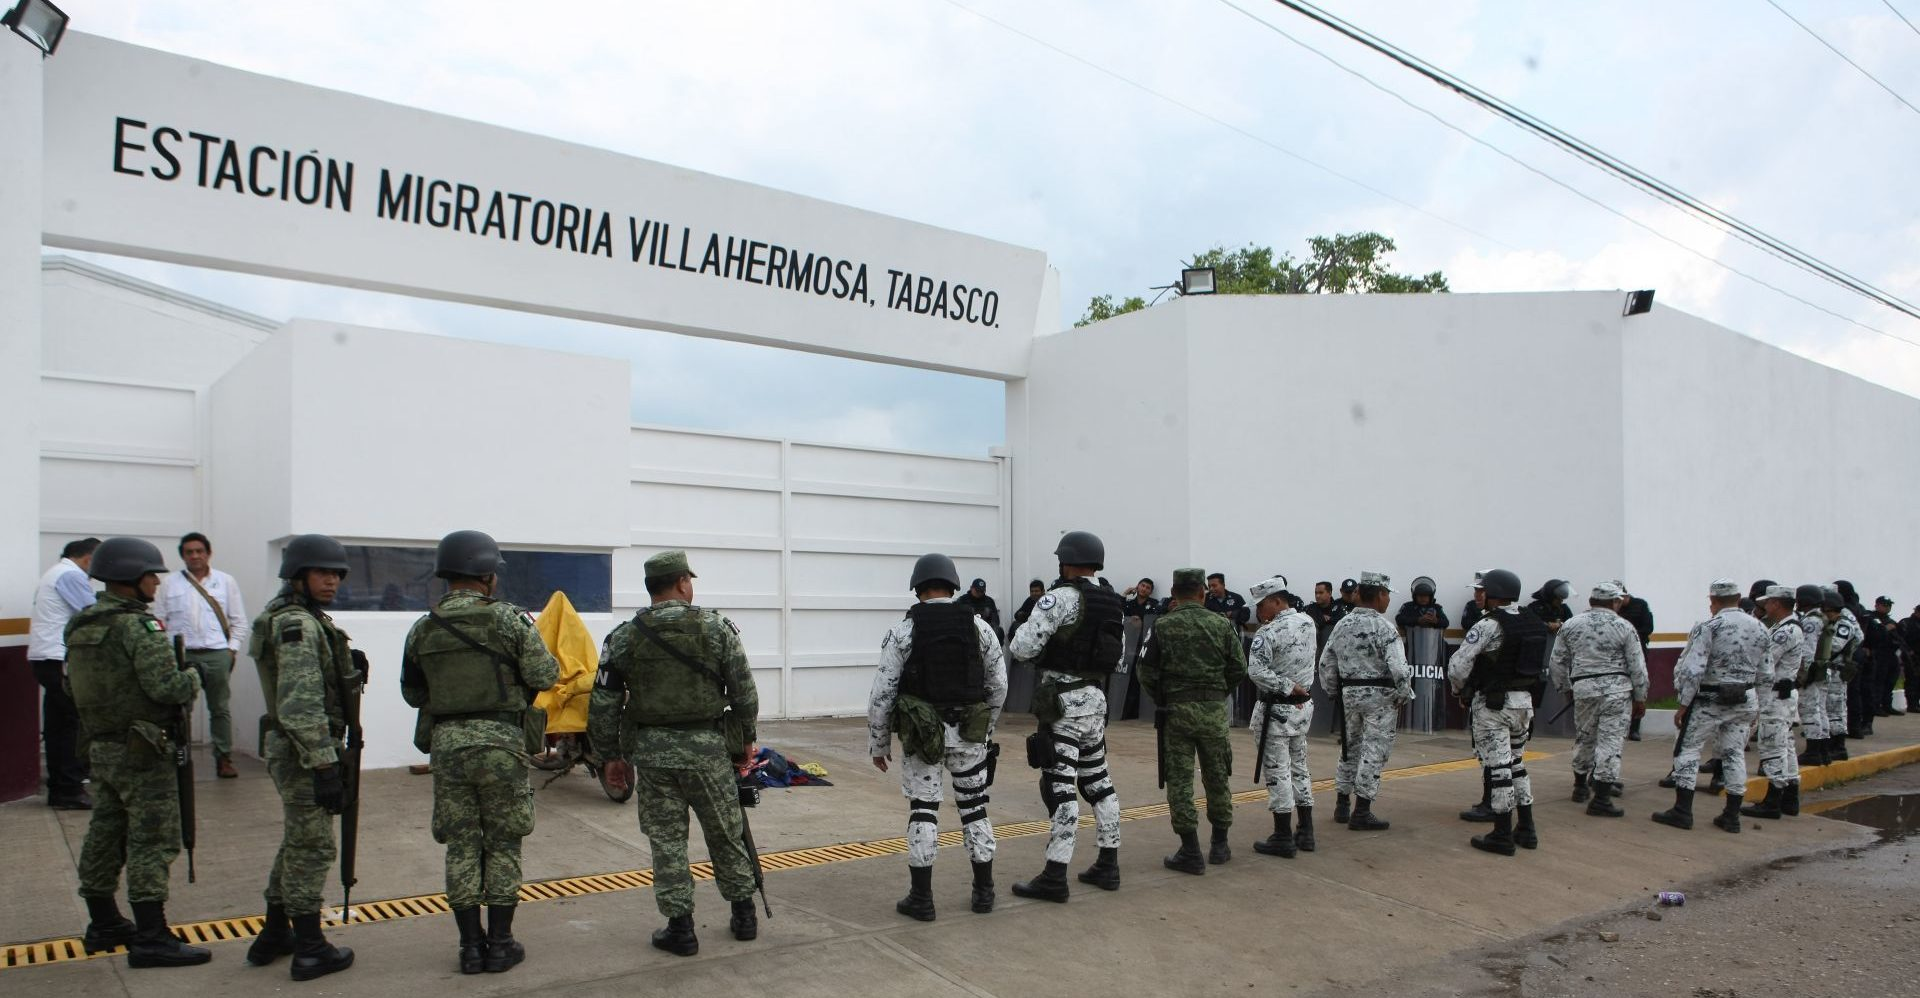 CNDH investiga denuncias por maltrato y descargas eléctricas contra migrantes en Tabasco